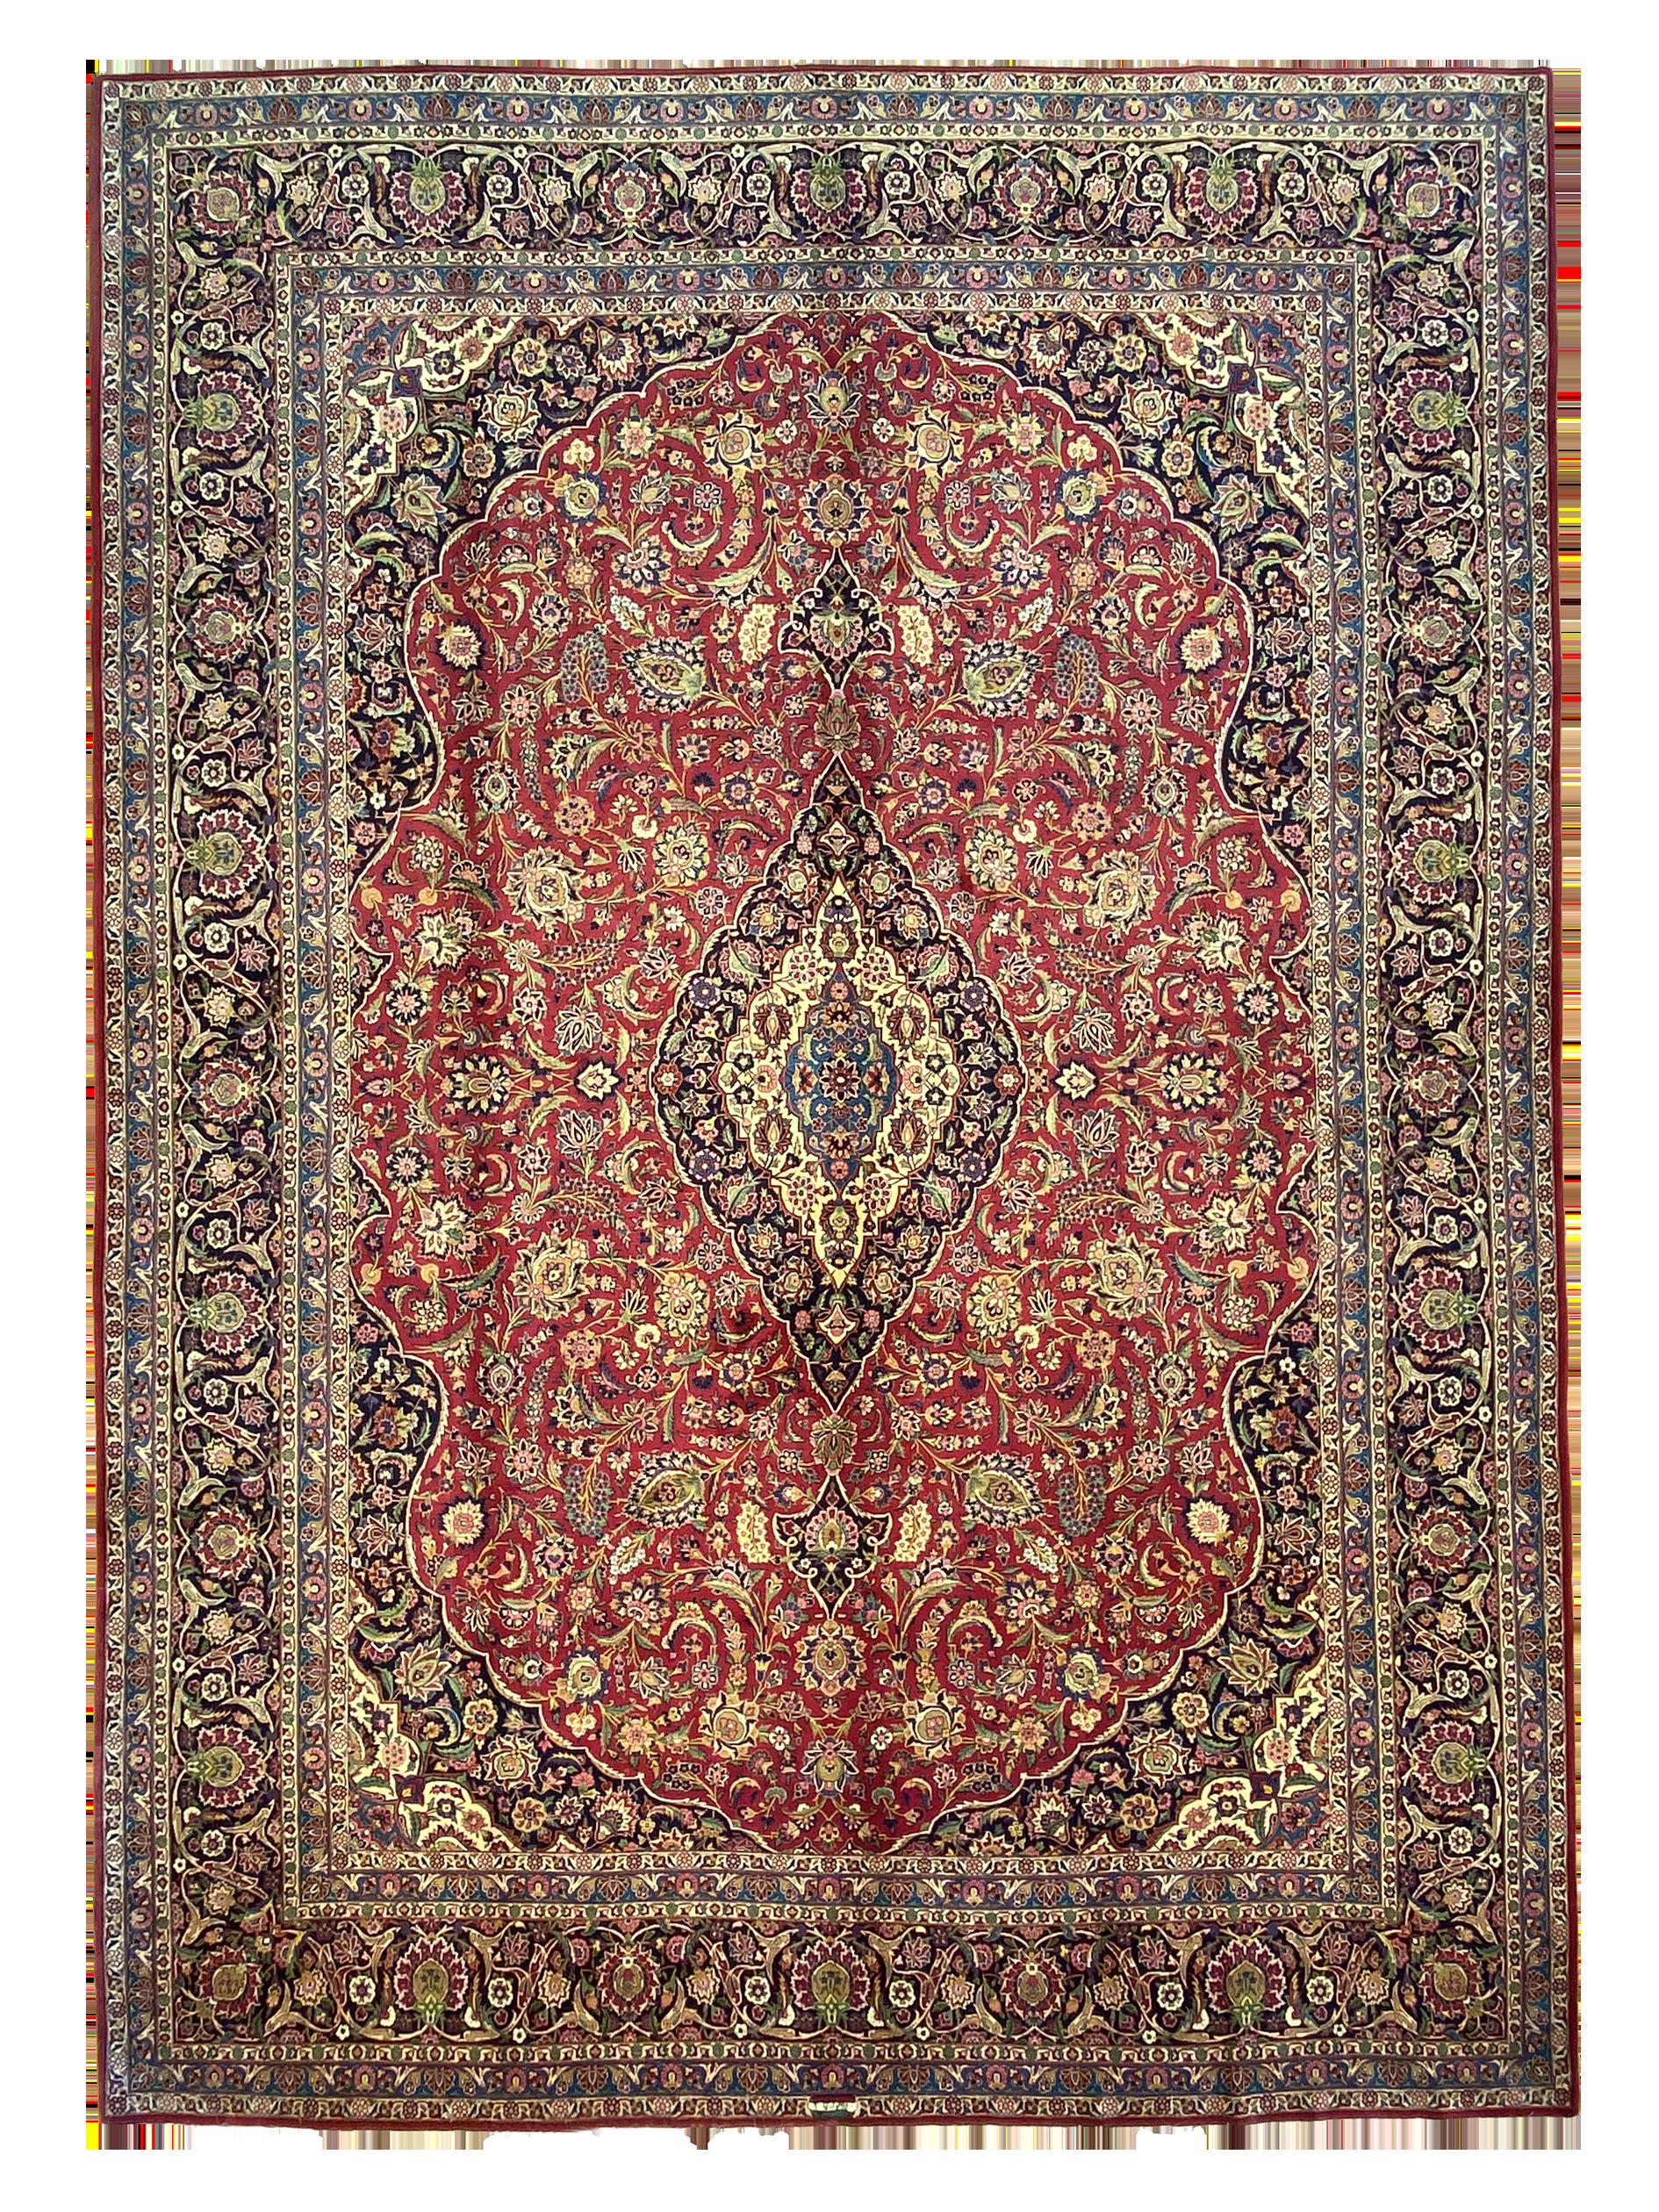 """Antique Persian Kashan 10' 4"""" x 14' 4"""" - Shabahang Royal Carpet"""